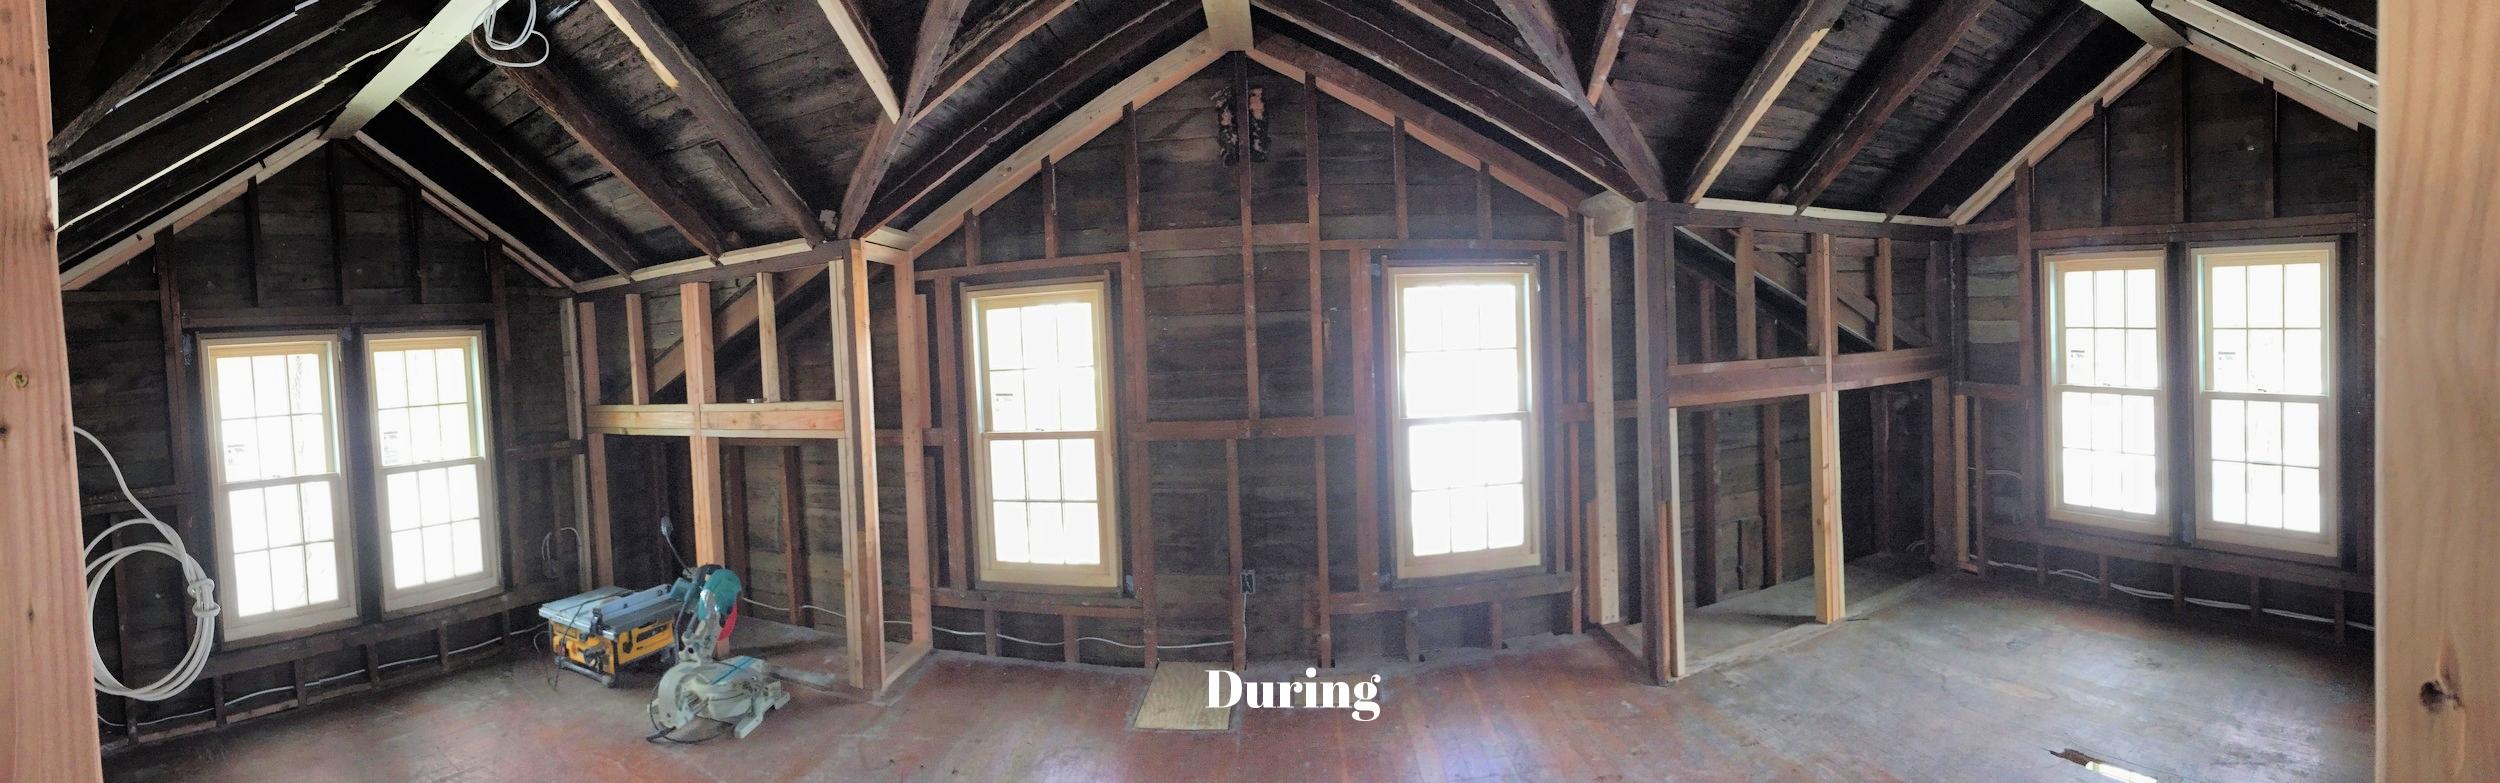 Bedroom During 12.jpg